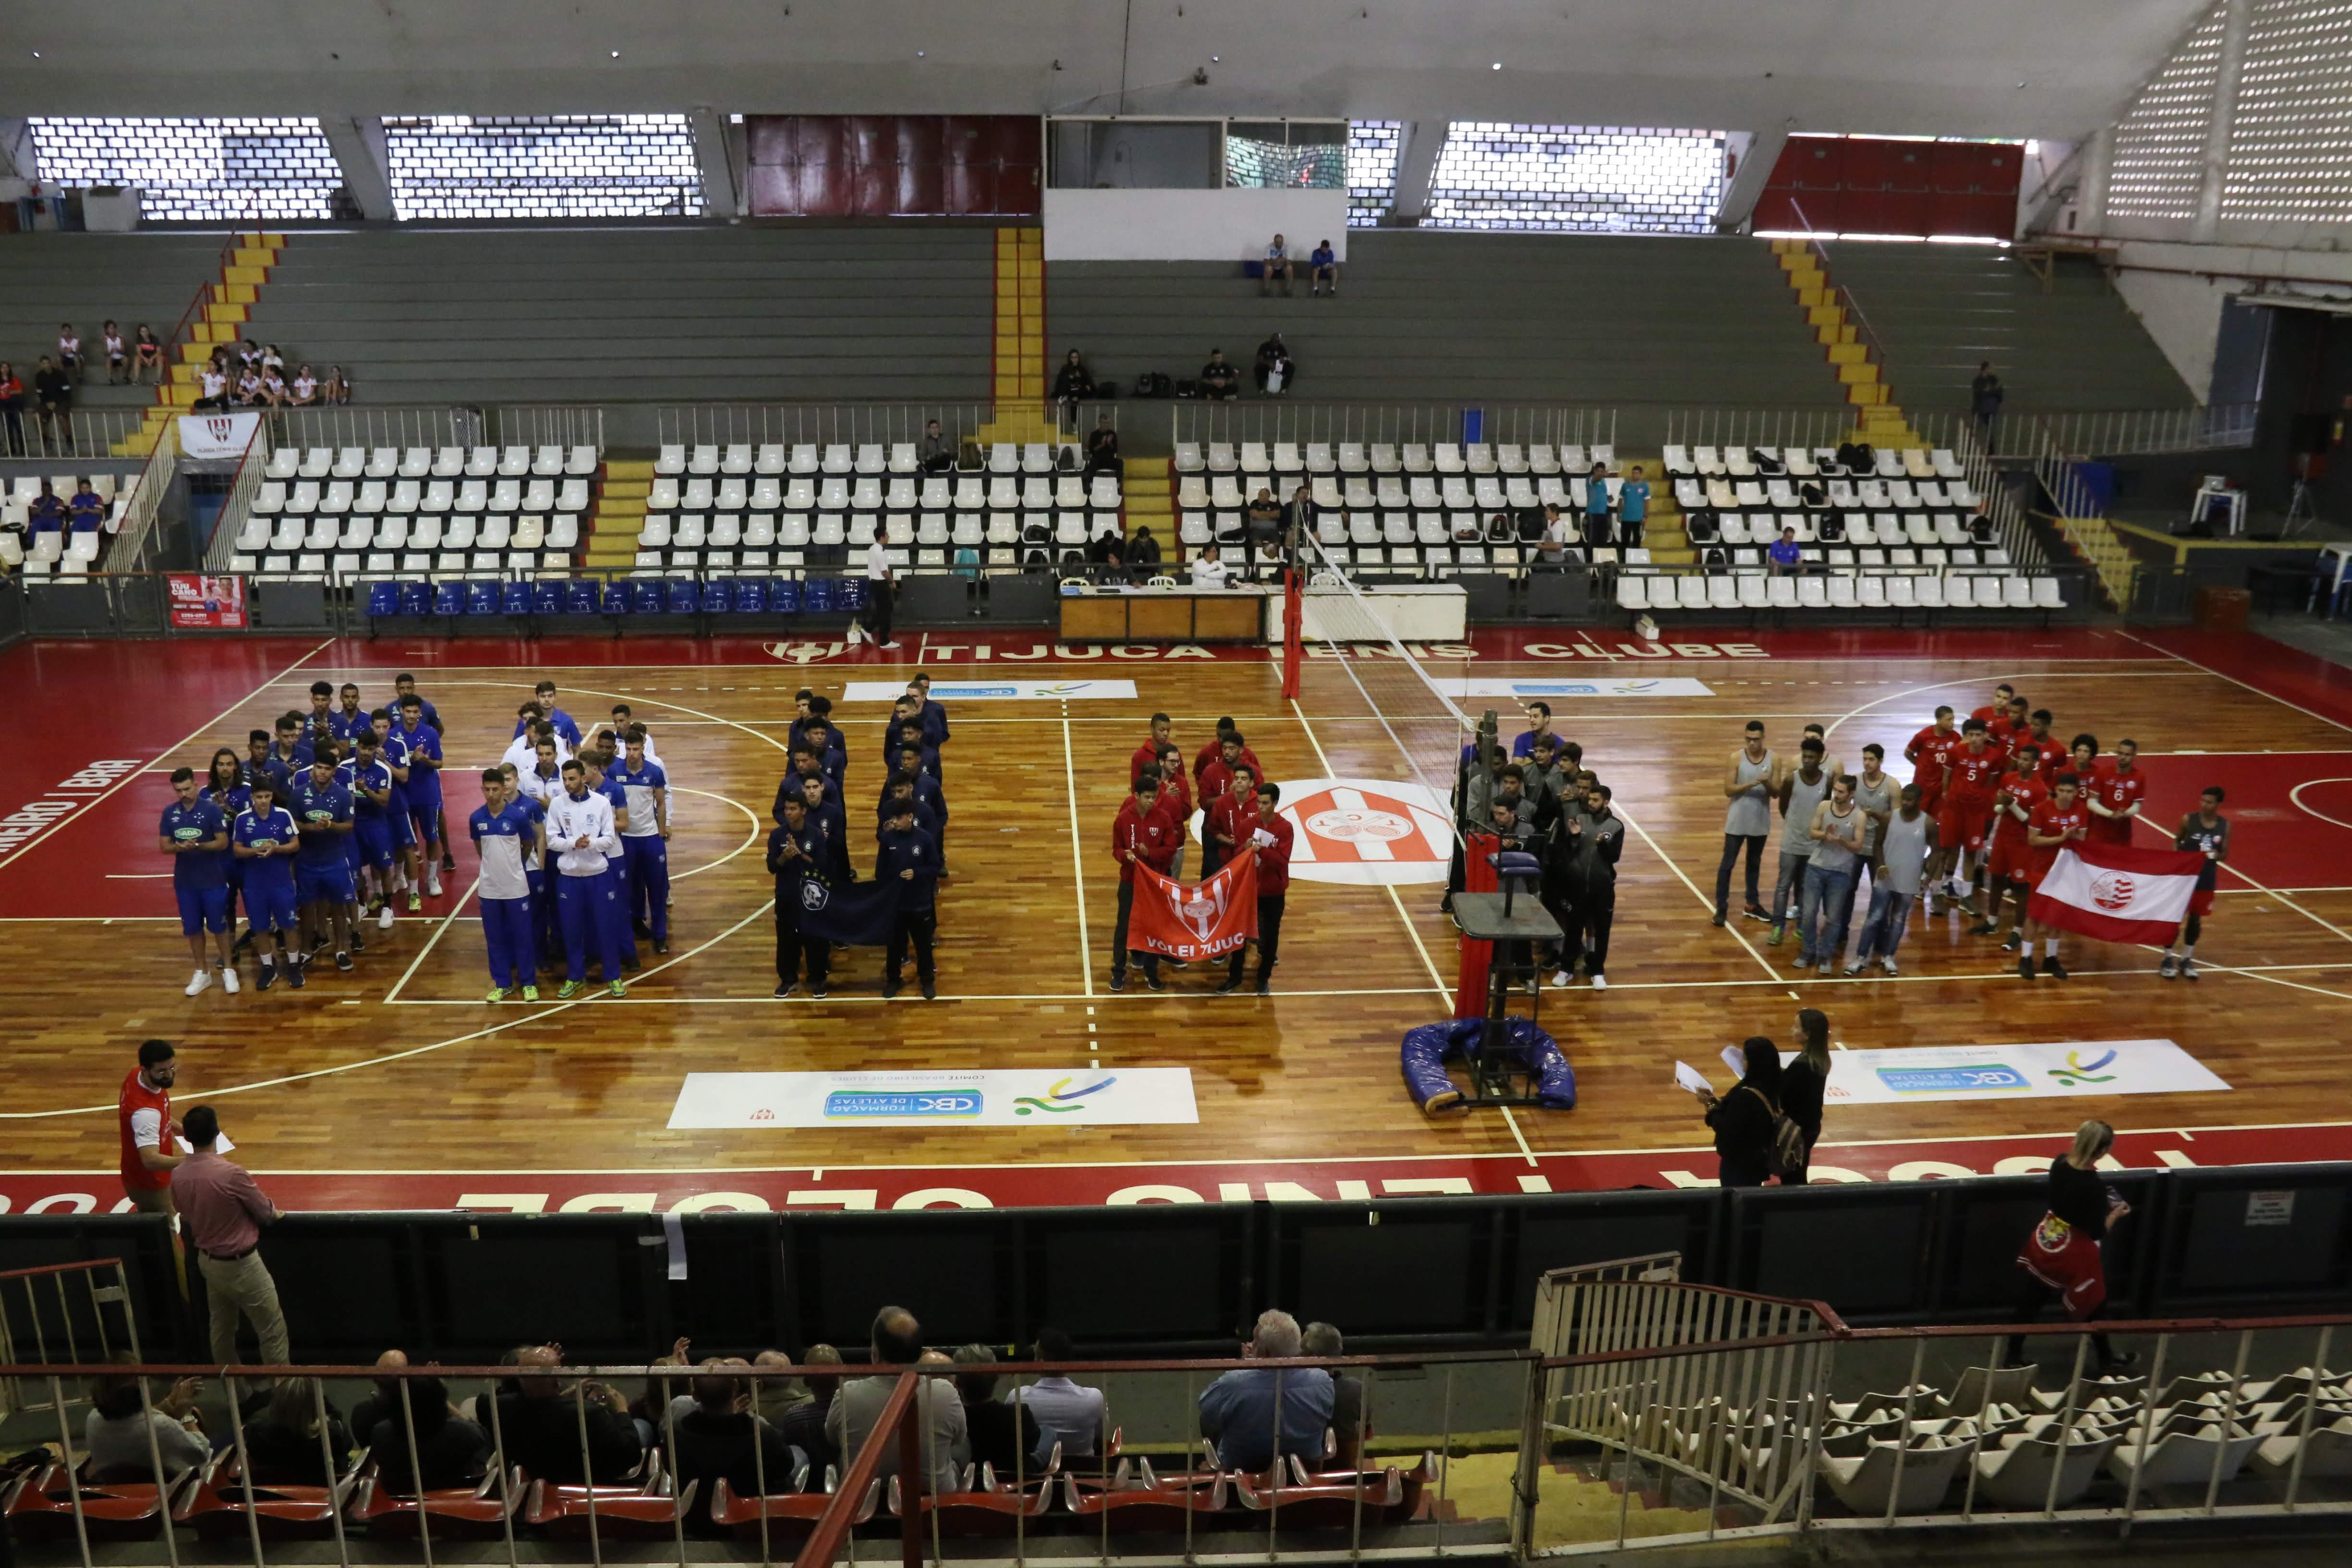 Quartas de final são definidas com Flamengo e Minas Tênis Clube invictos